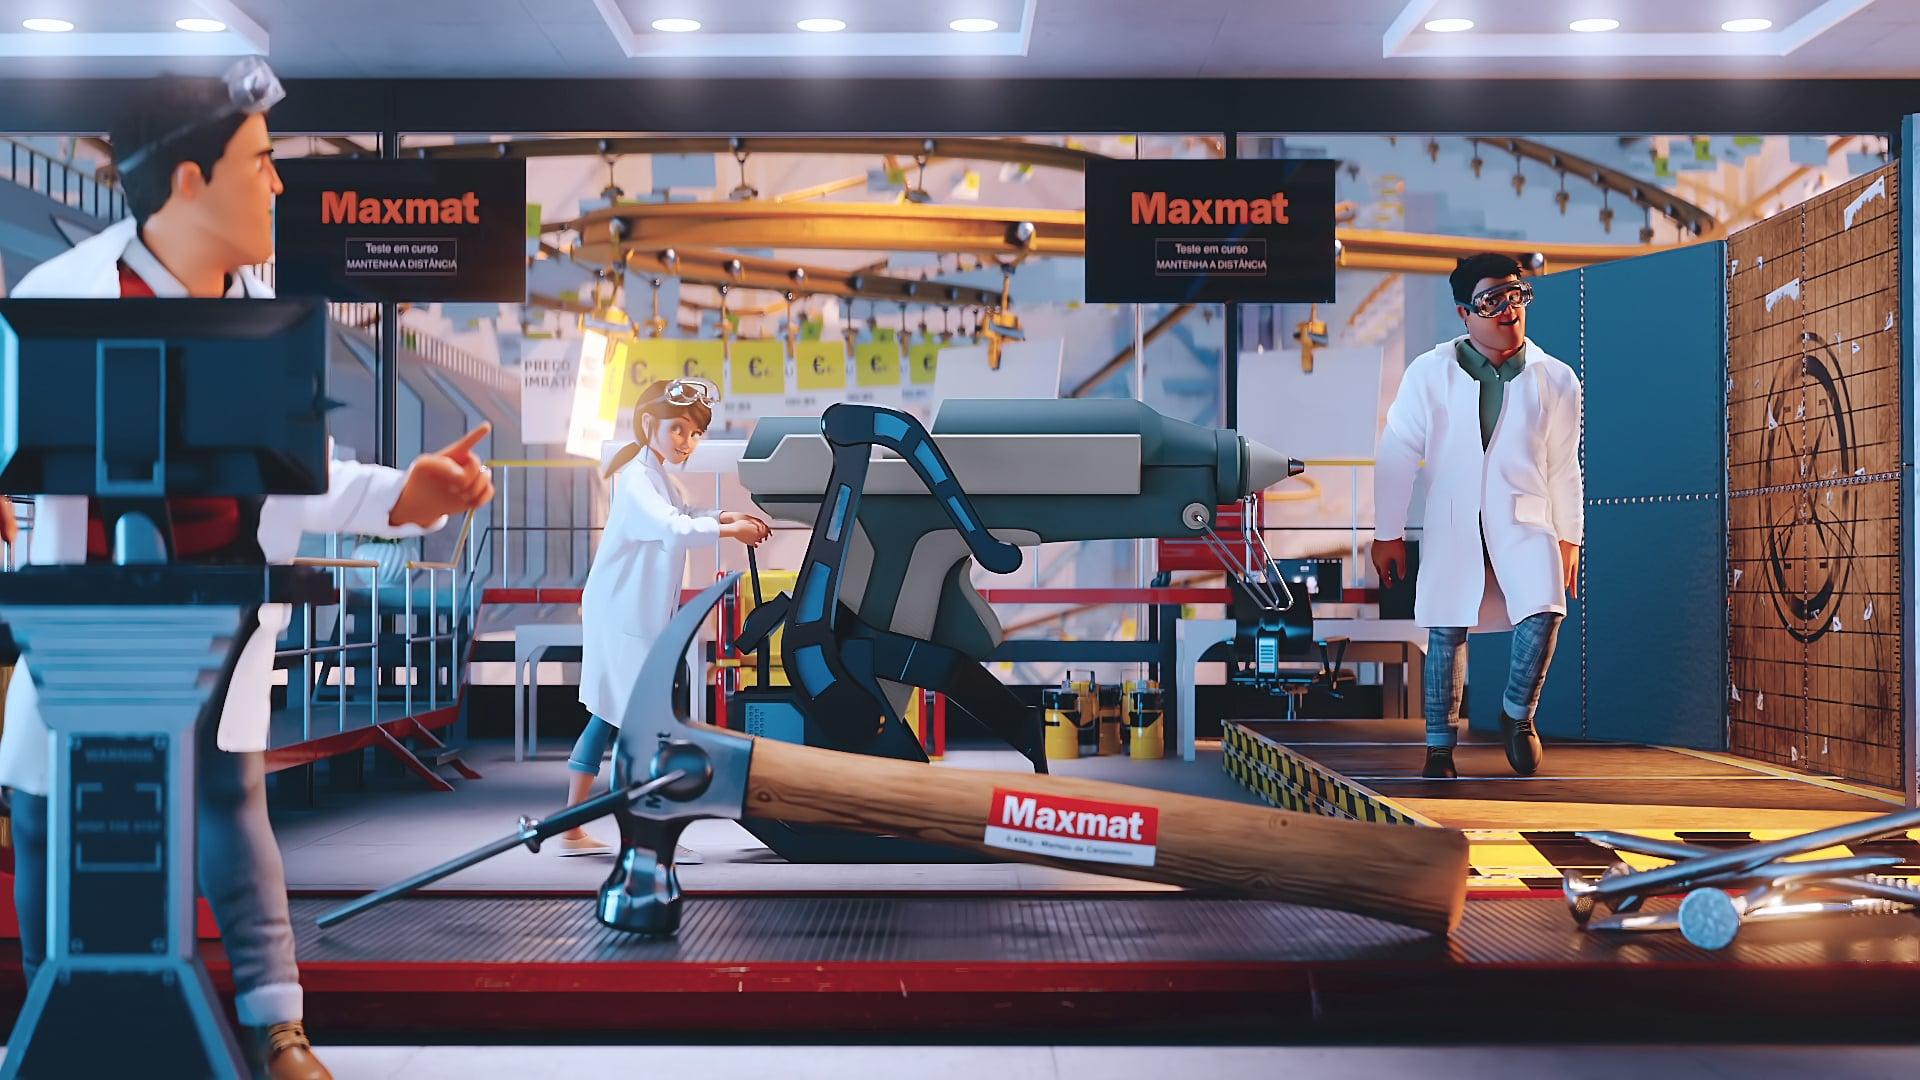 Maxmat - A Fábrica dos Preços Imbatíveis